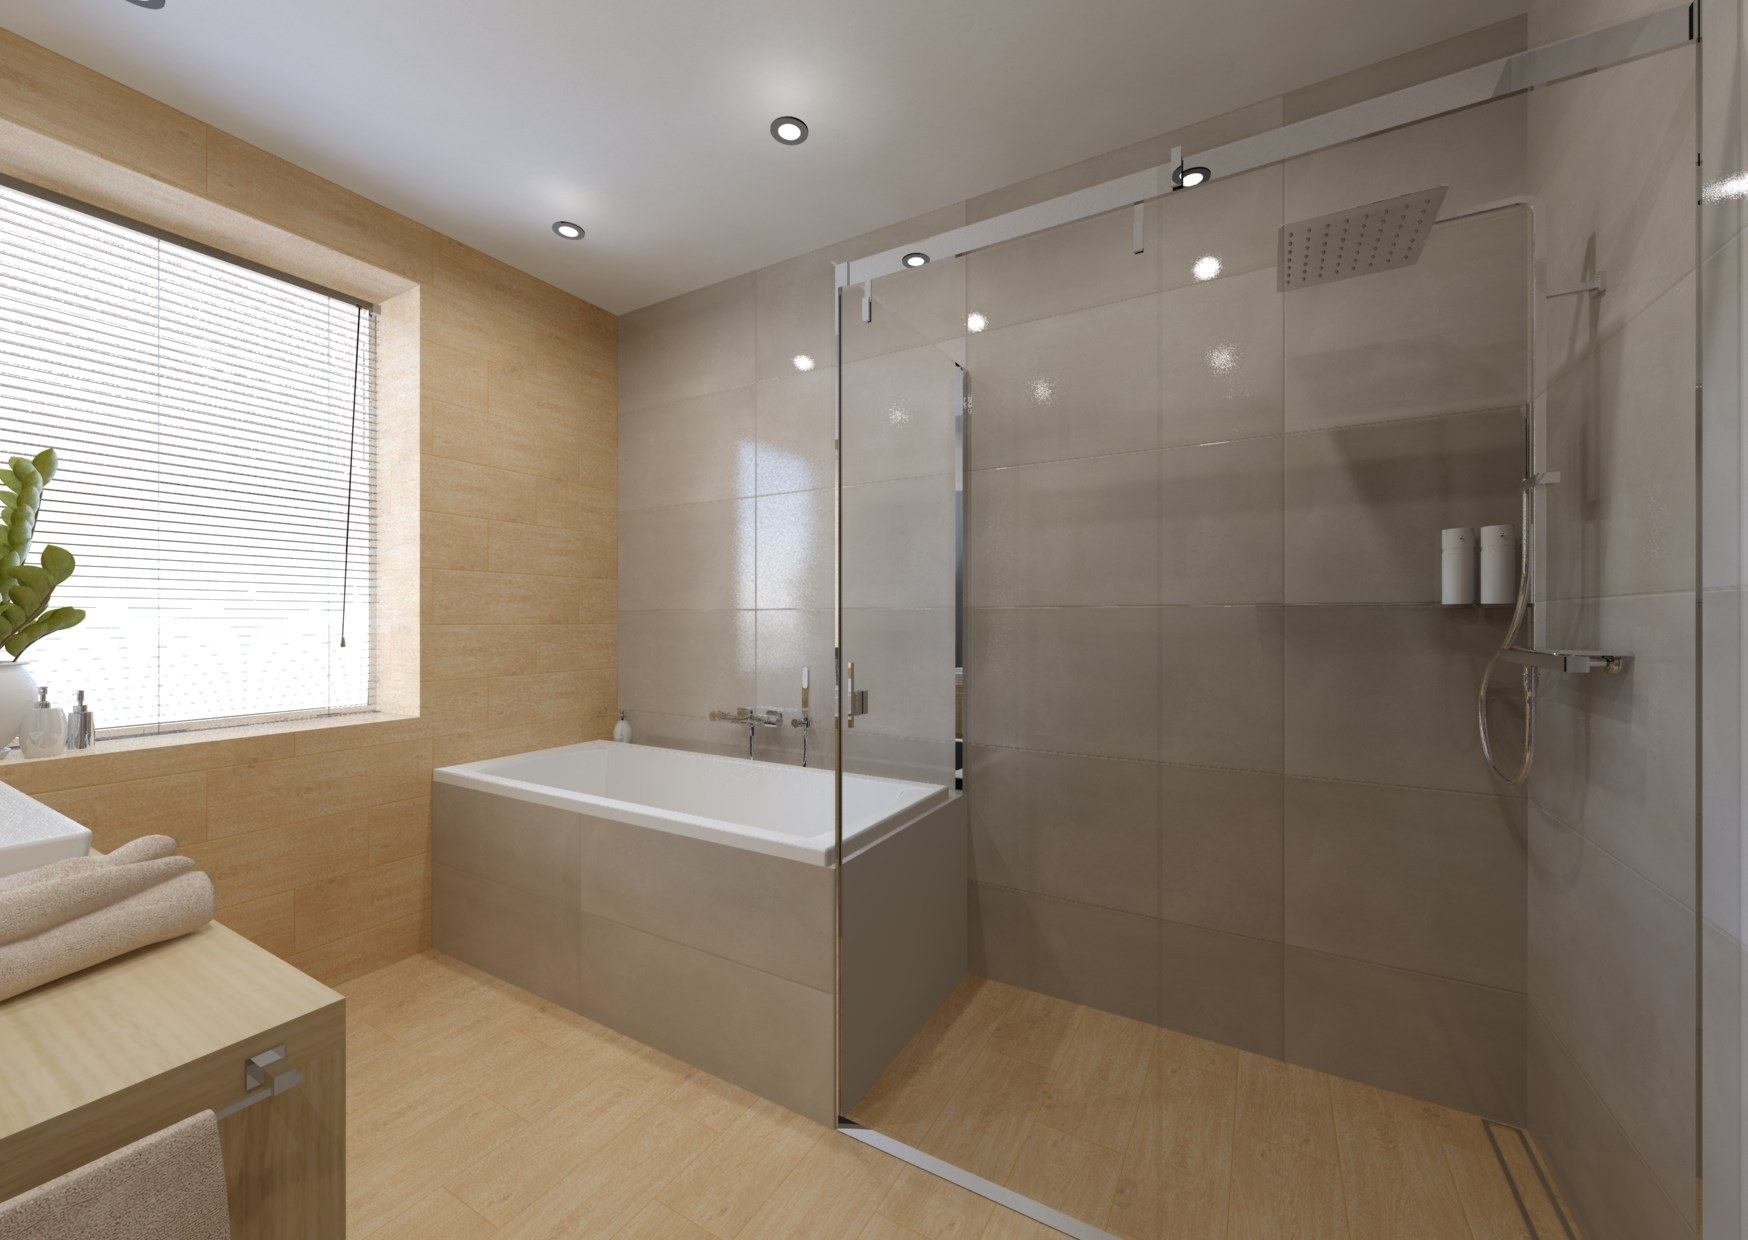 Návrh koupelny se sprchovým koutem a vanou 10